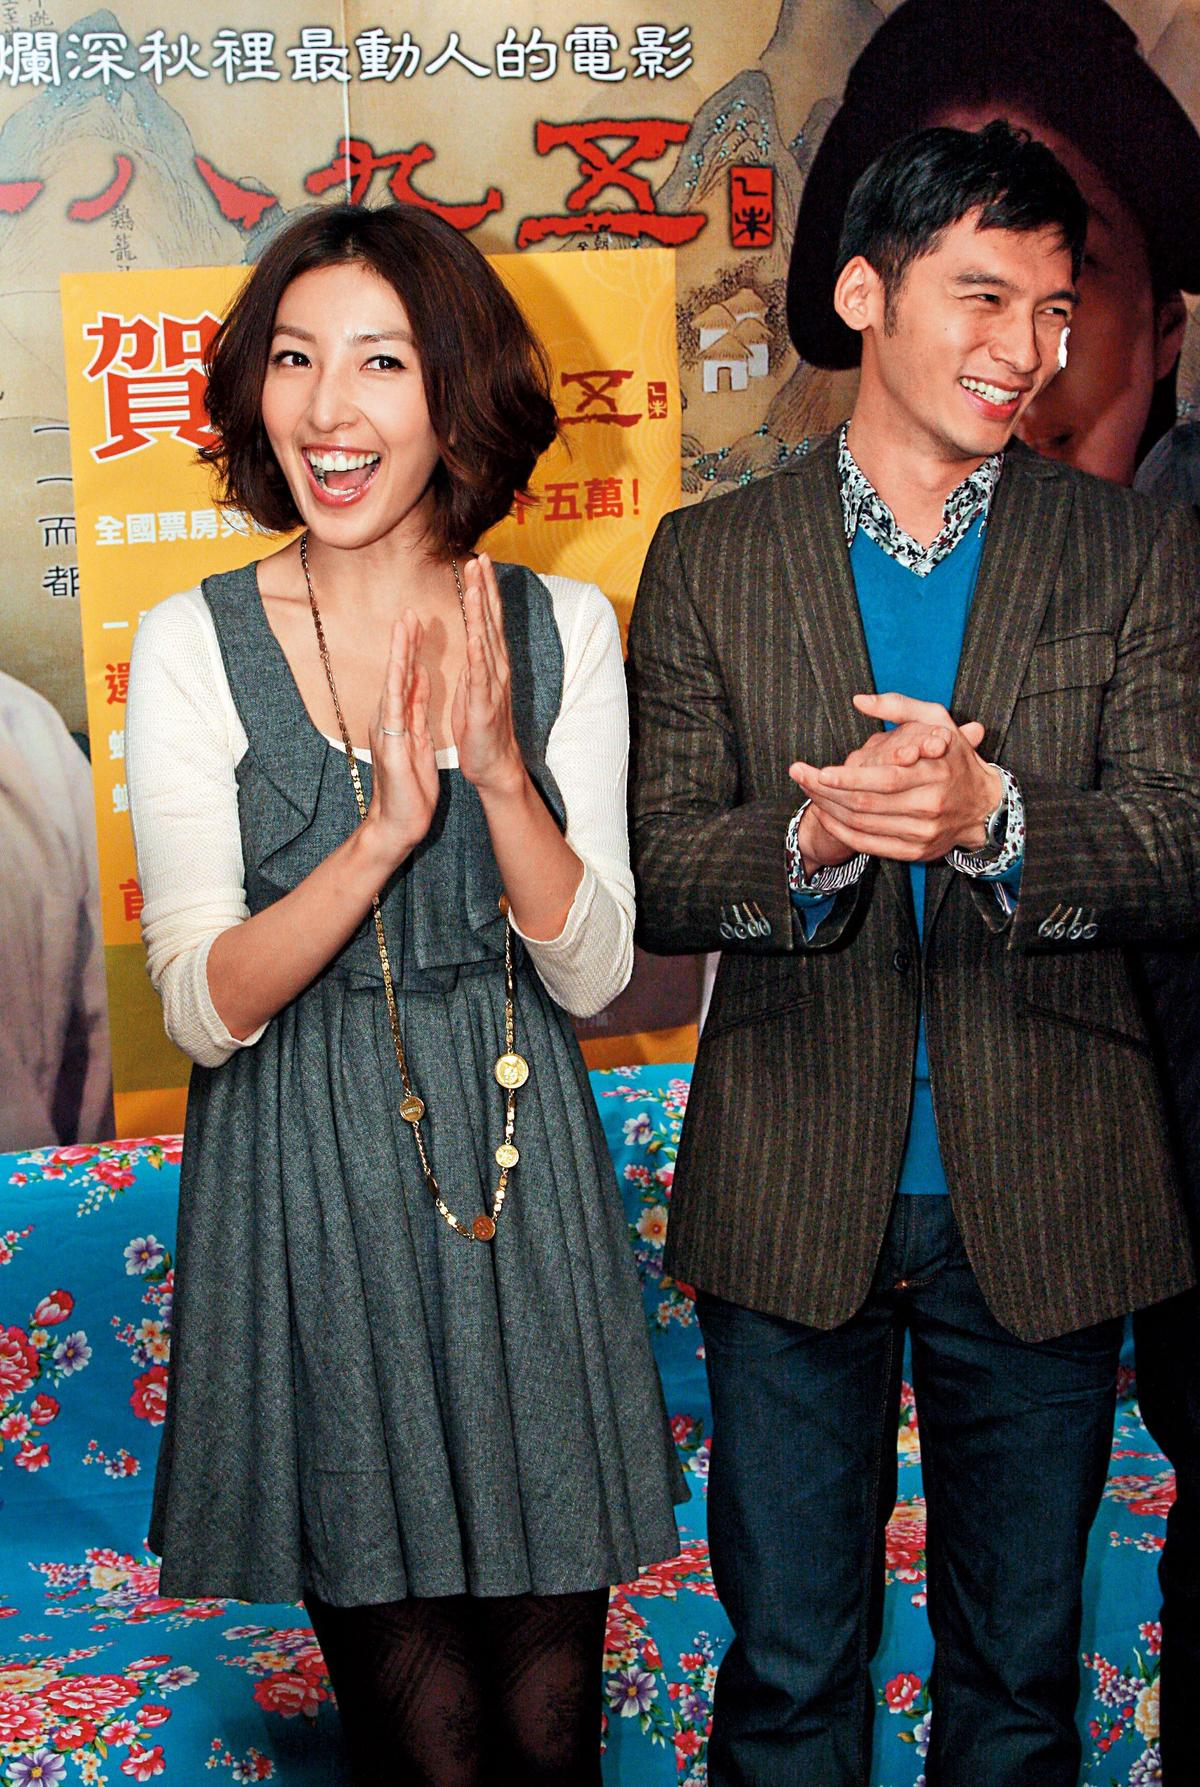 溫昇豪早期曾拍床戲出事,就是跟楊謹華演夫妻、情侶演到翻臉。(東方IC)